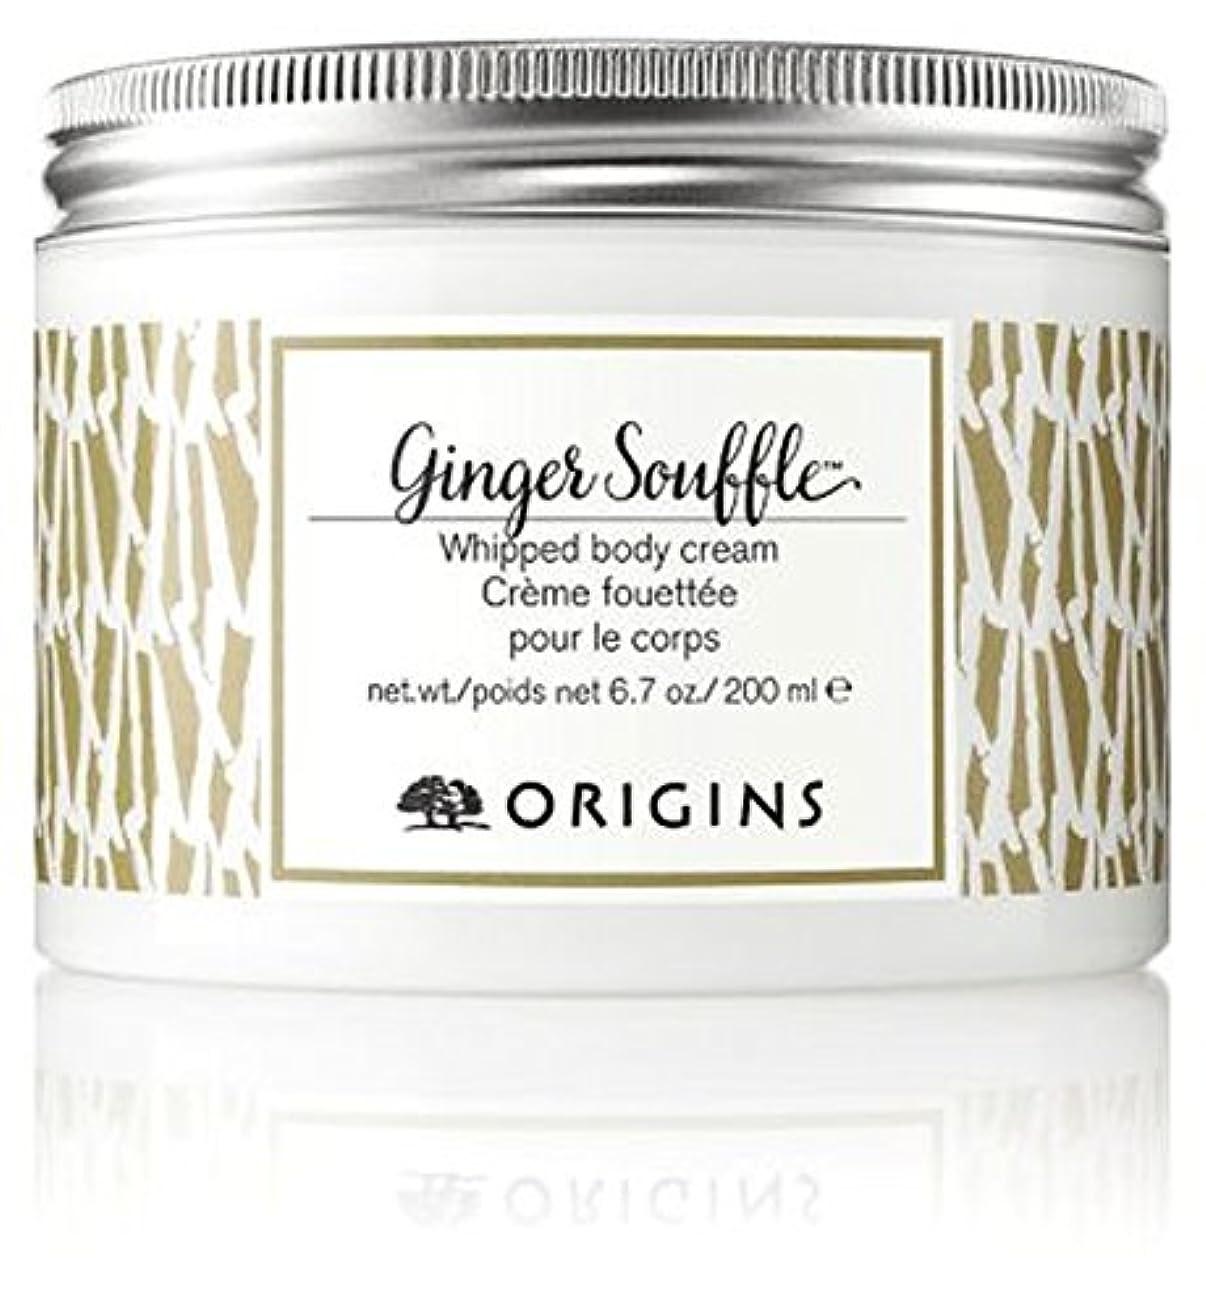 ツール神のステレオタイプ起源ジンジャースフレホイップボディクリーム (Origins) (x2) - Origins Ginger Souffl? Whipped body cream (Pack of 2) [並行輸入品]